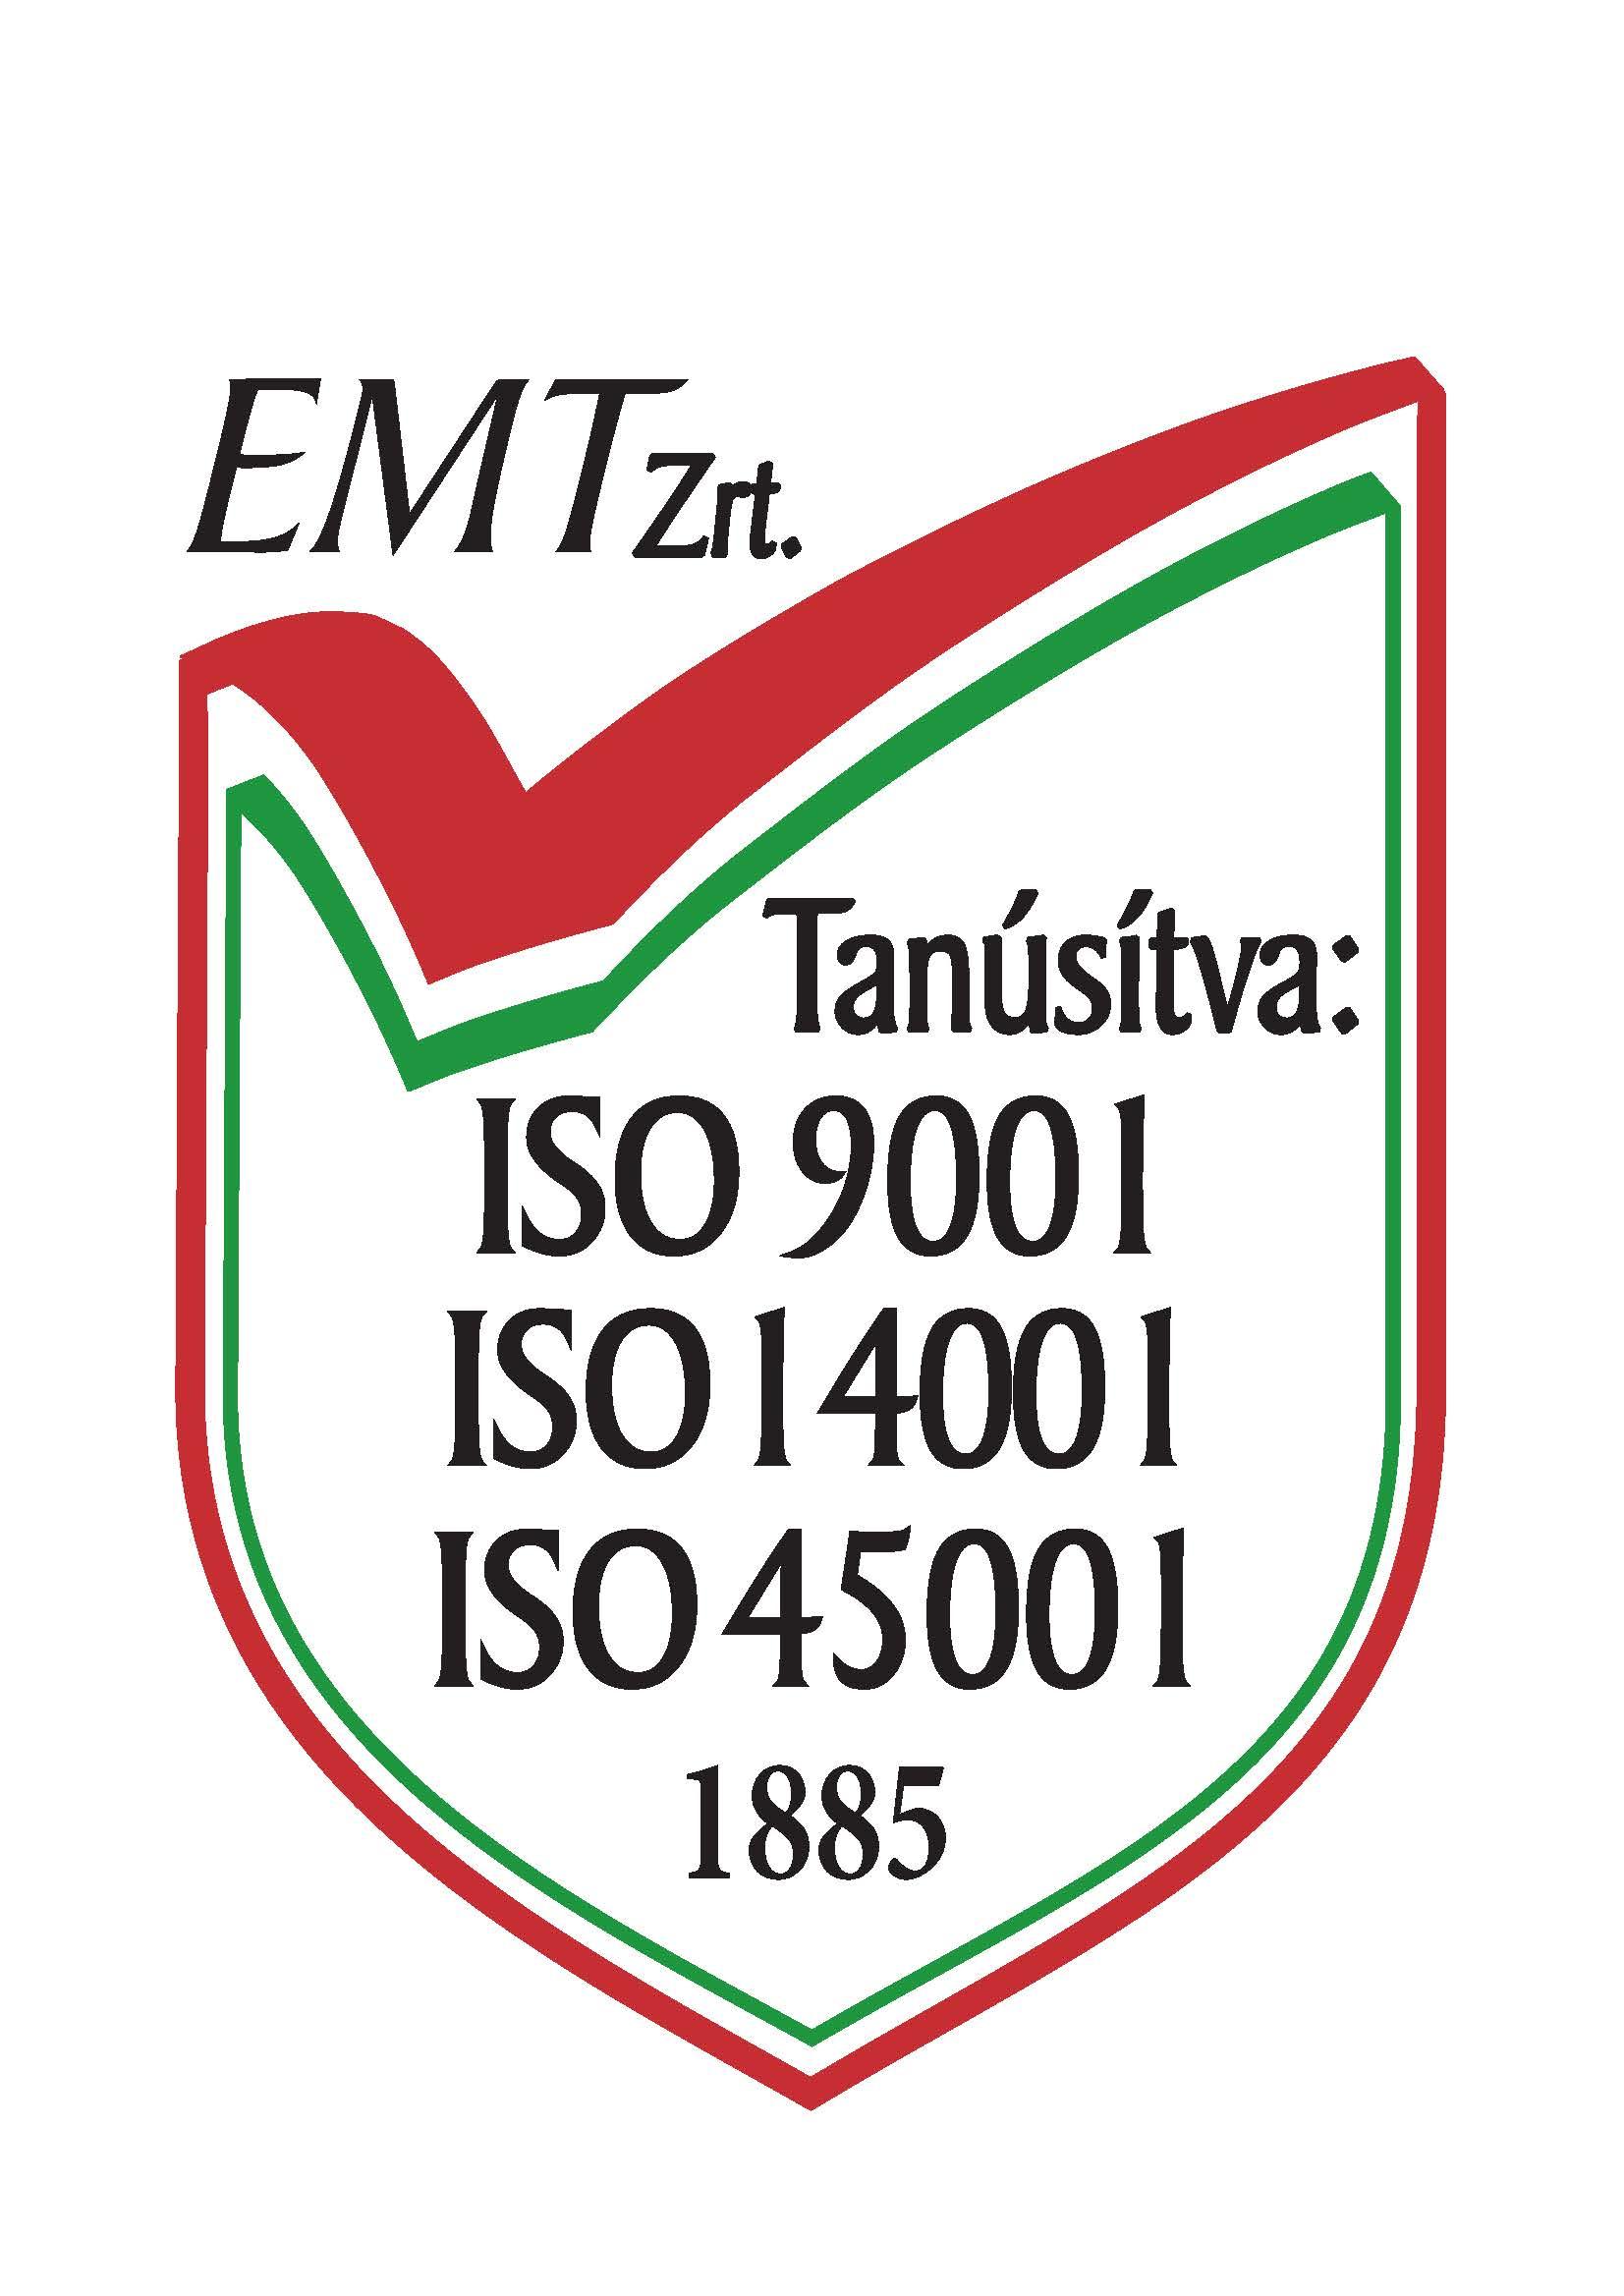 tanusitvanylogo_iso9001_14001_45001